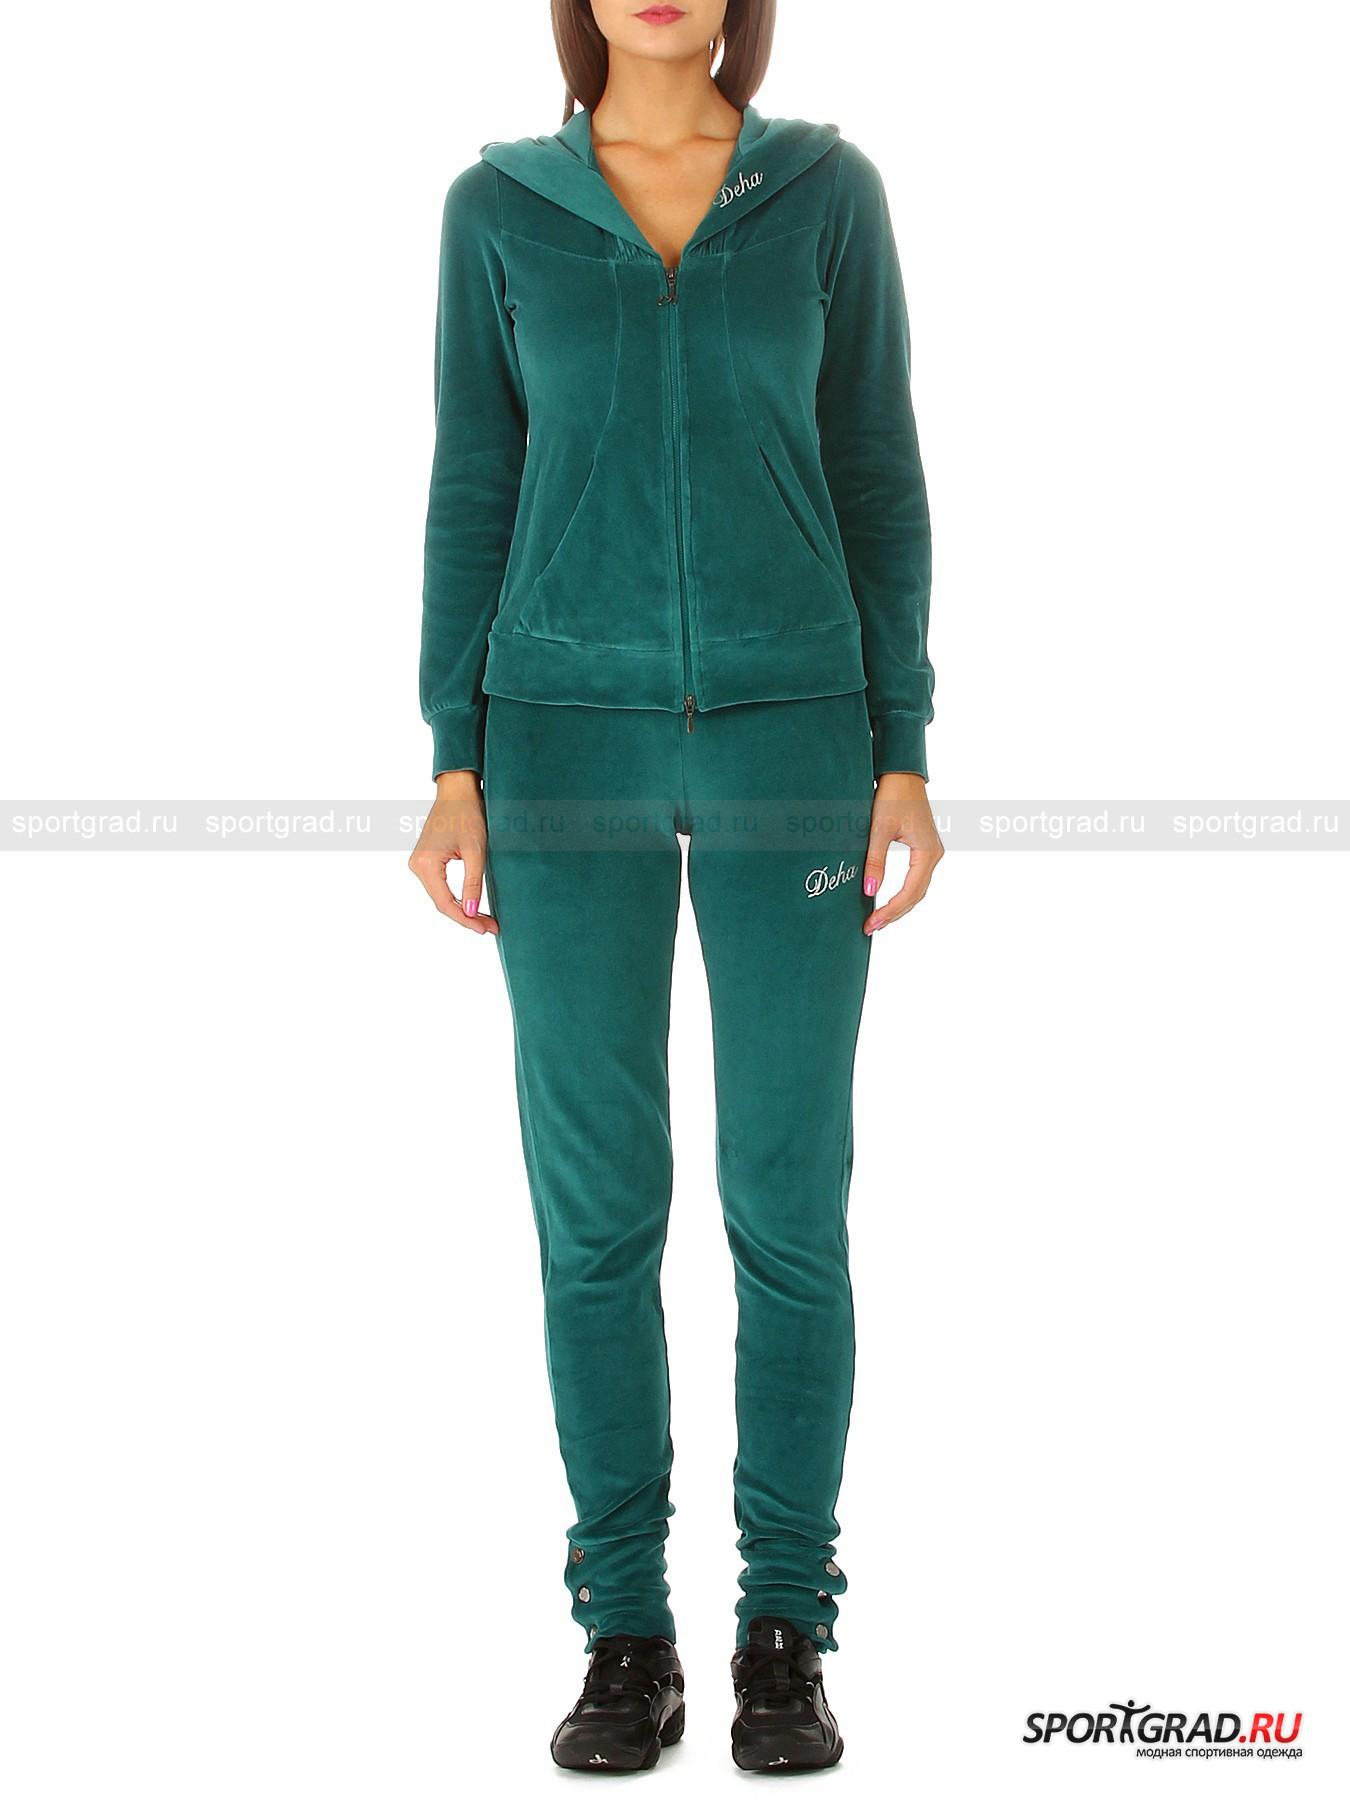 Костюм женский велюровый Track suit DEHA